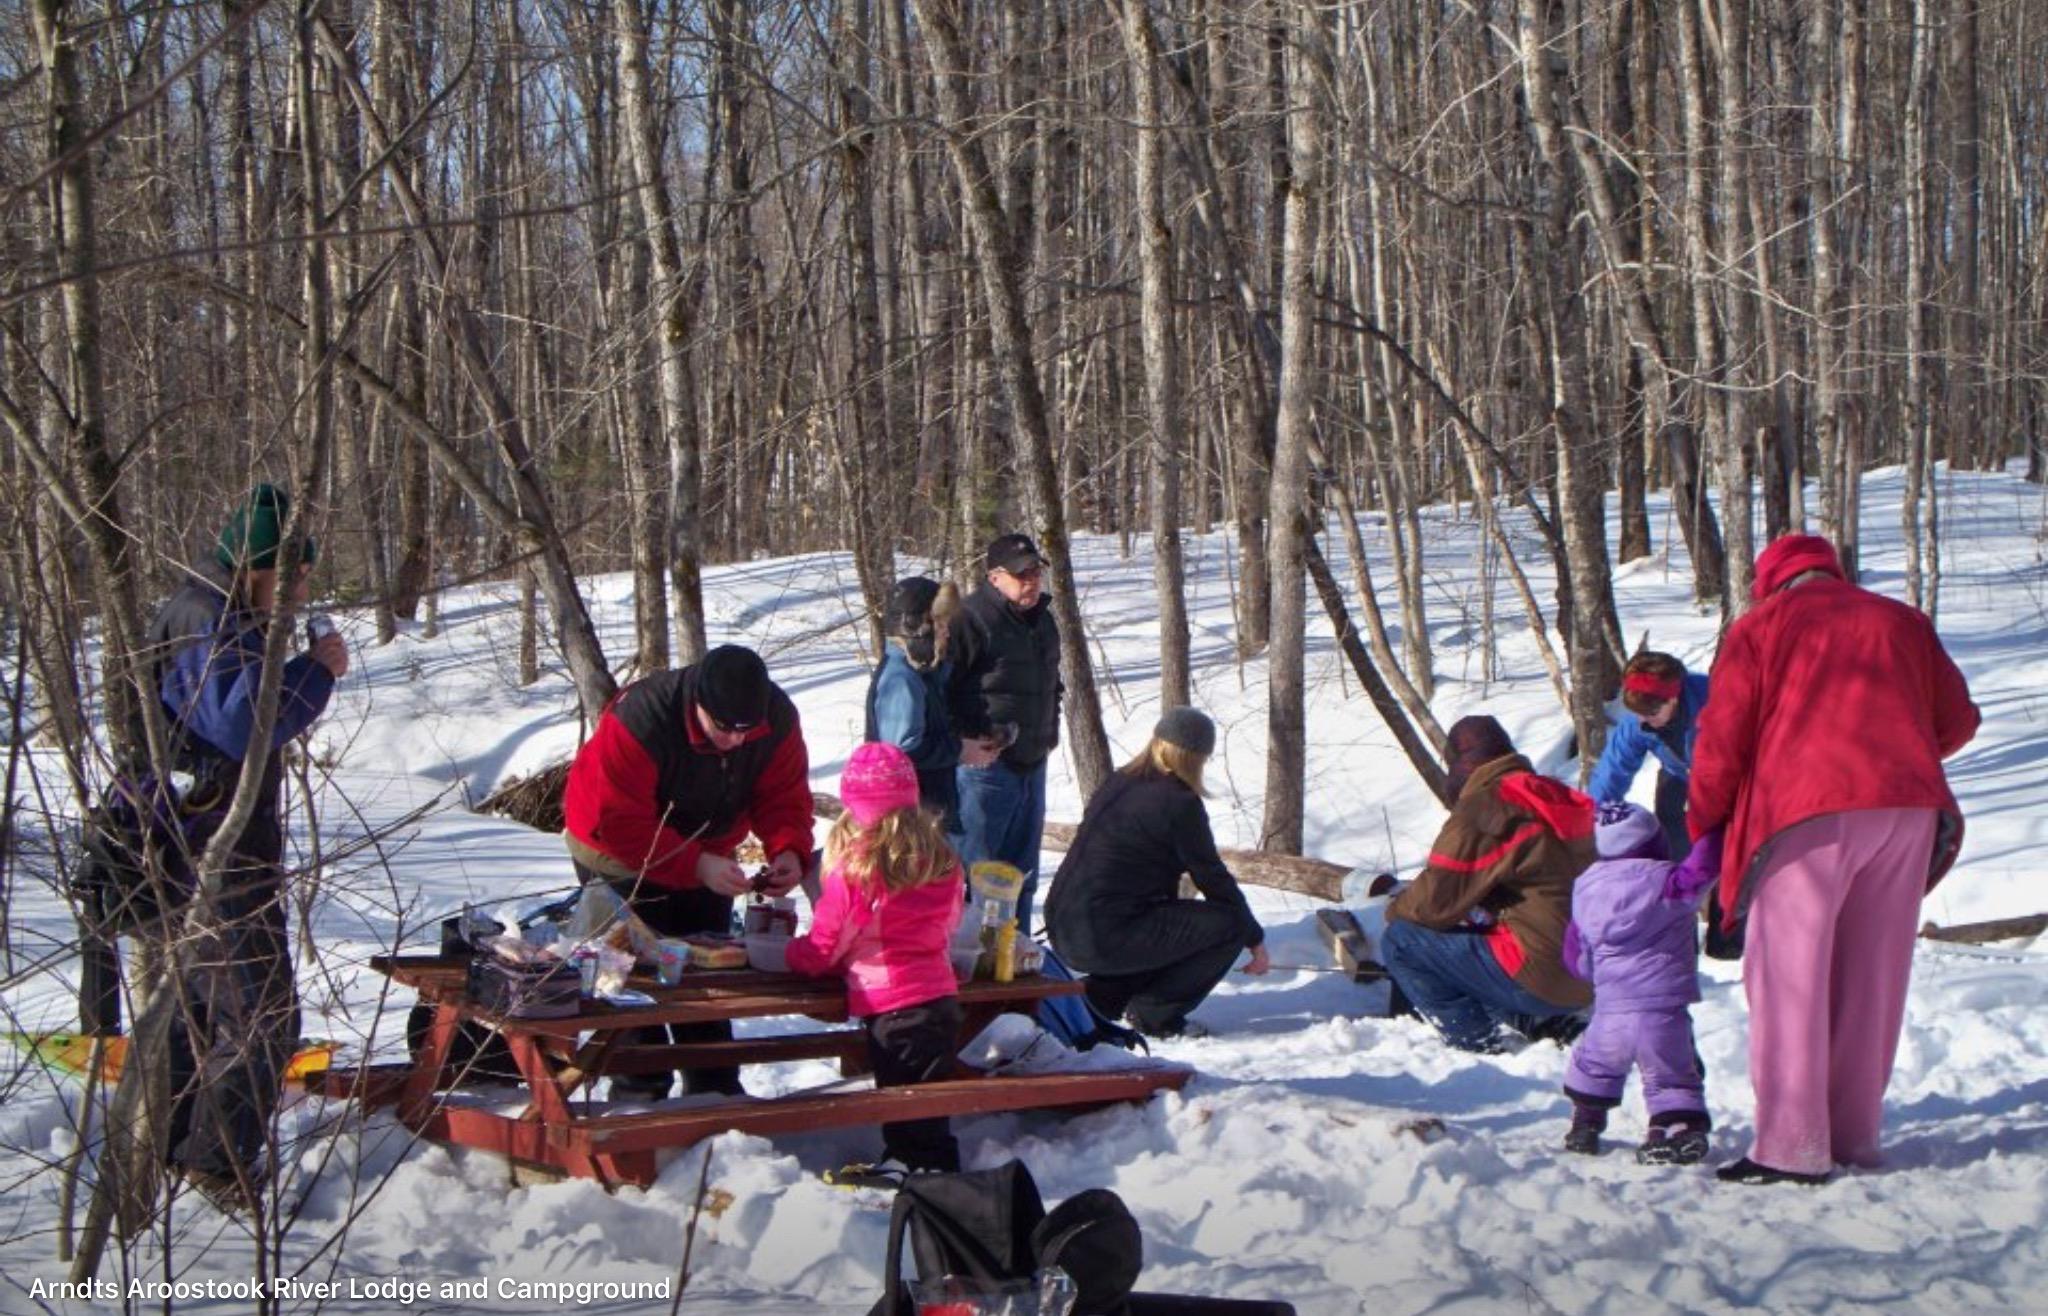 Winter picnic.